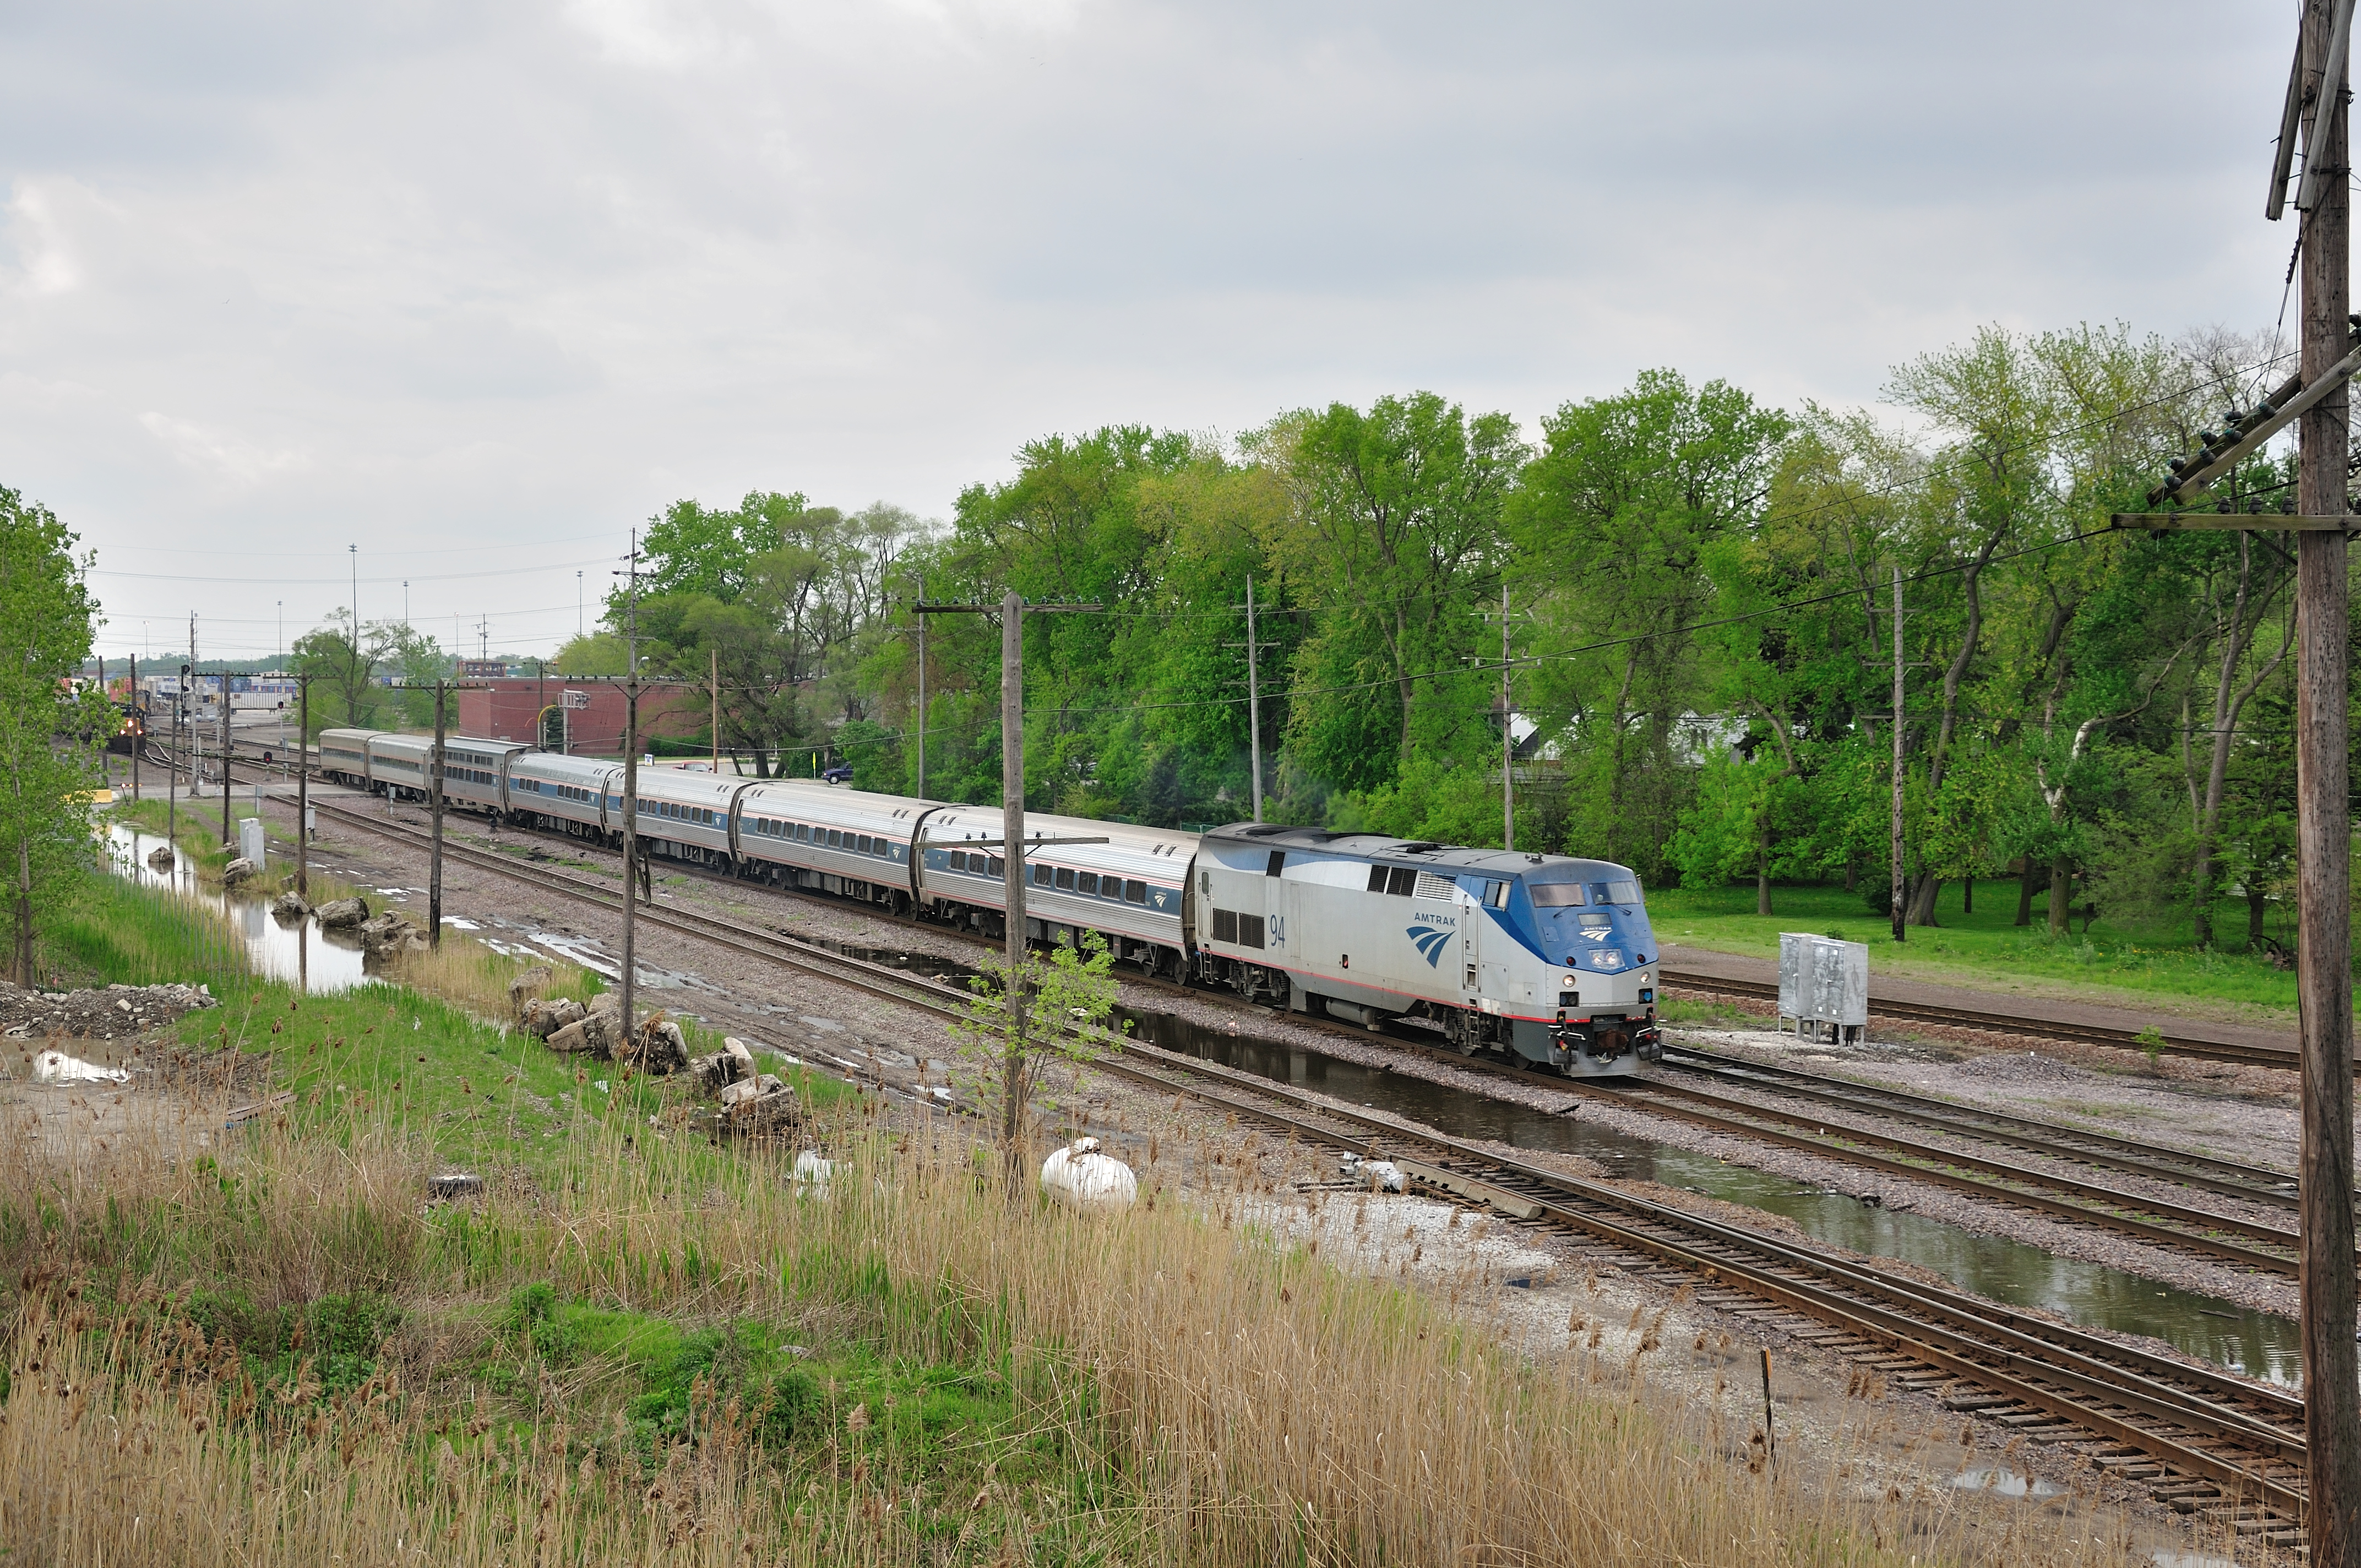 An Amtrak train rolls along towards its destination